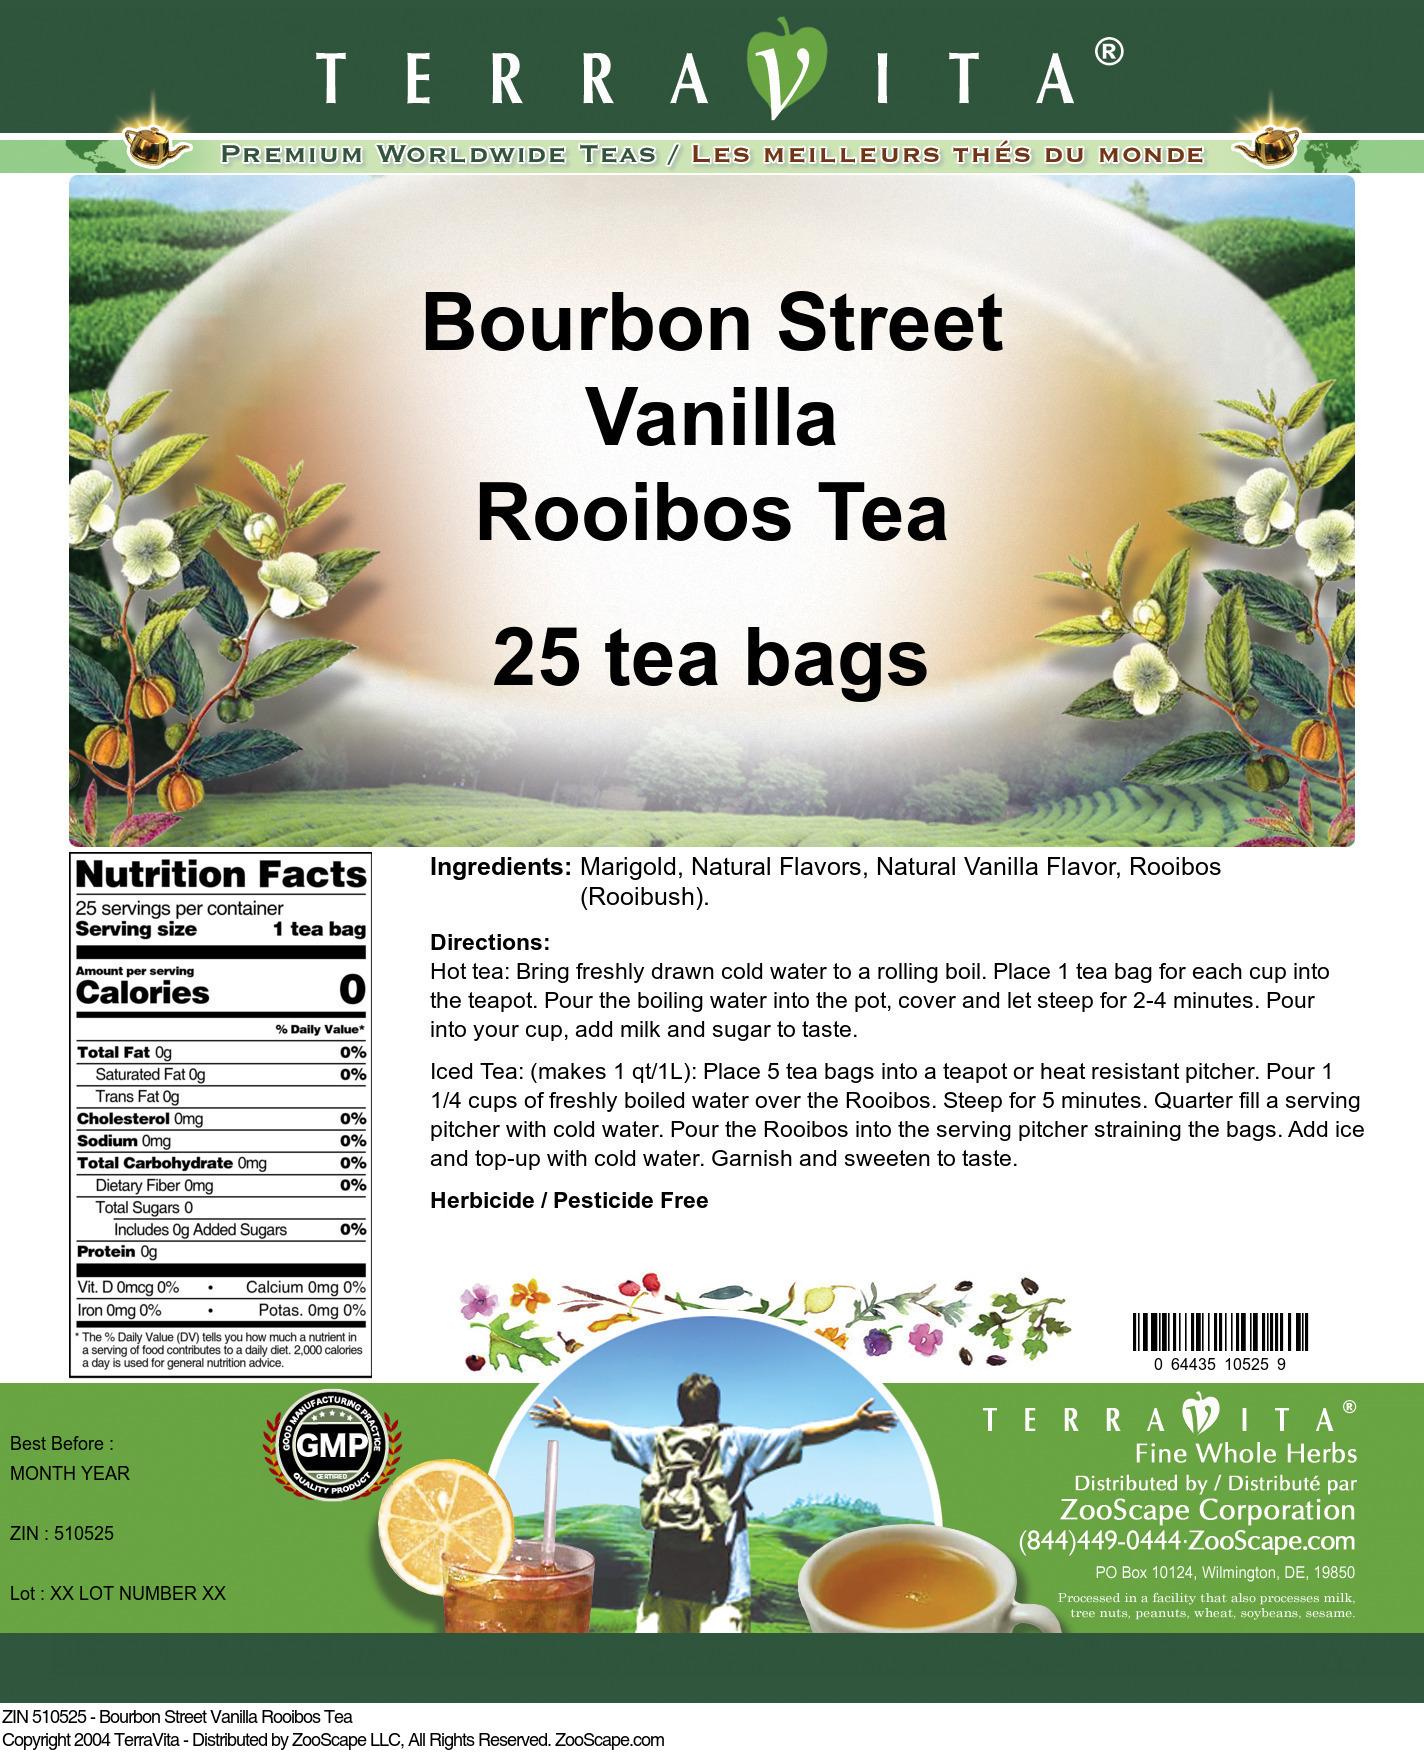 Bourbon Street Vanilla Rooibos